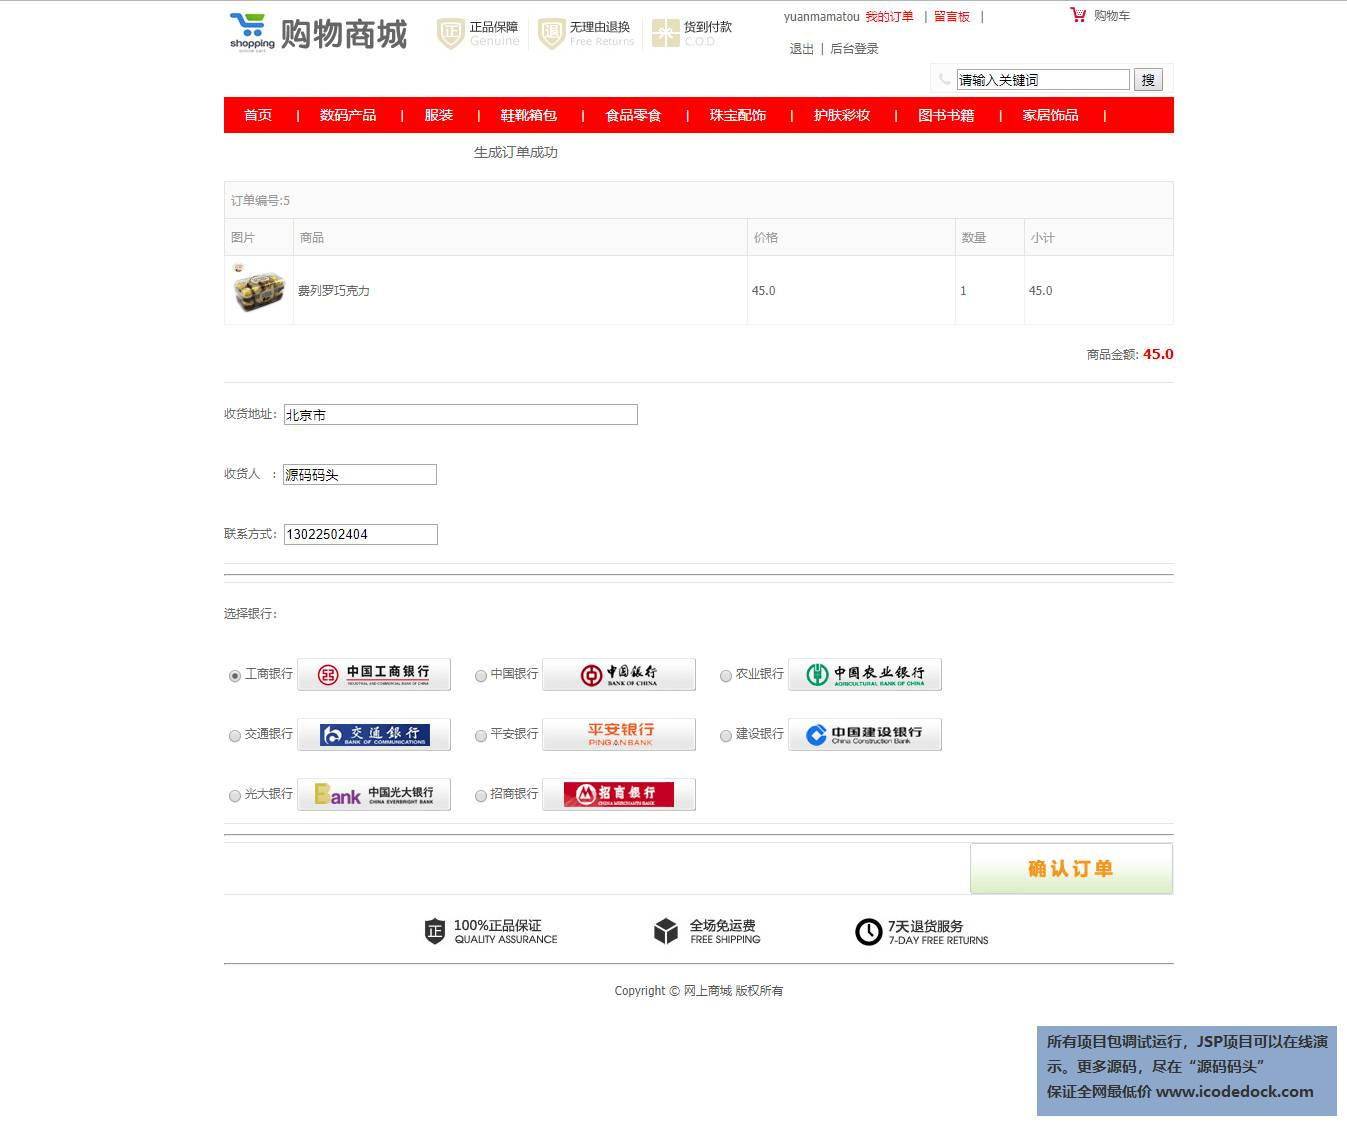 源码码头-SSM网上超市购物商城管理系统-用户角色-提交订单